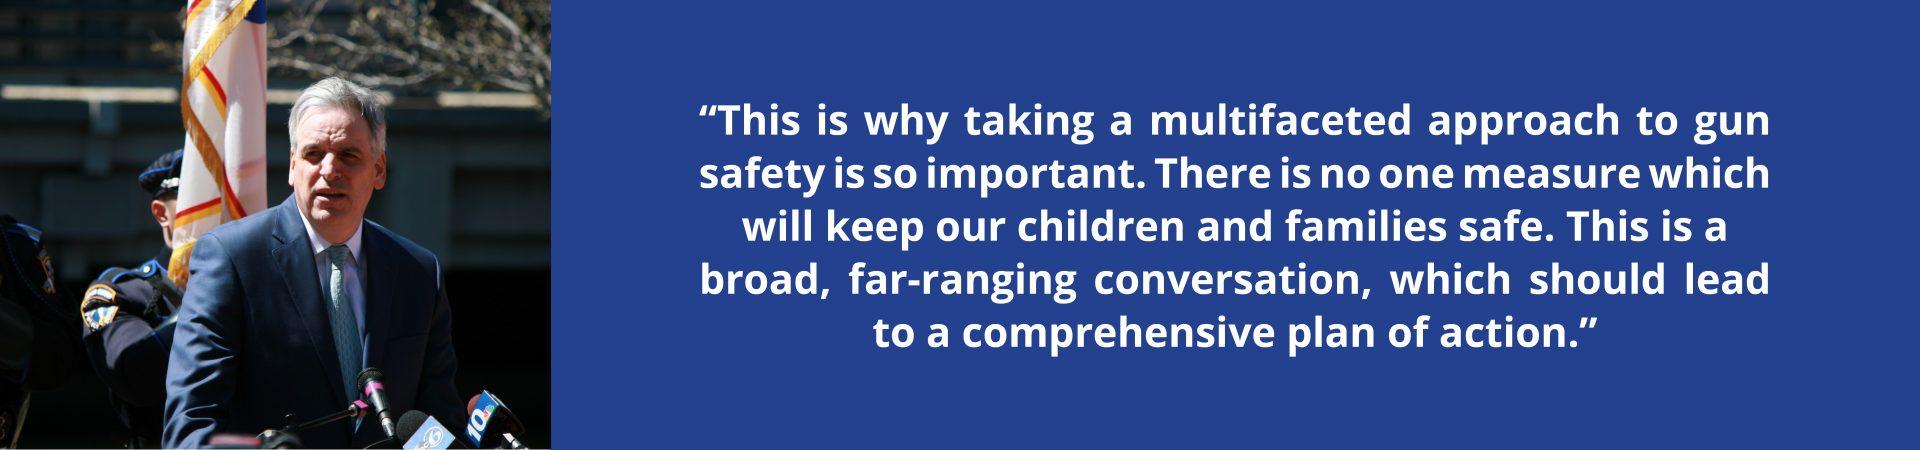 gun safety header 4